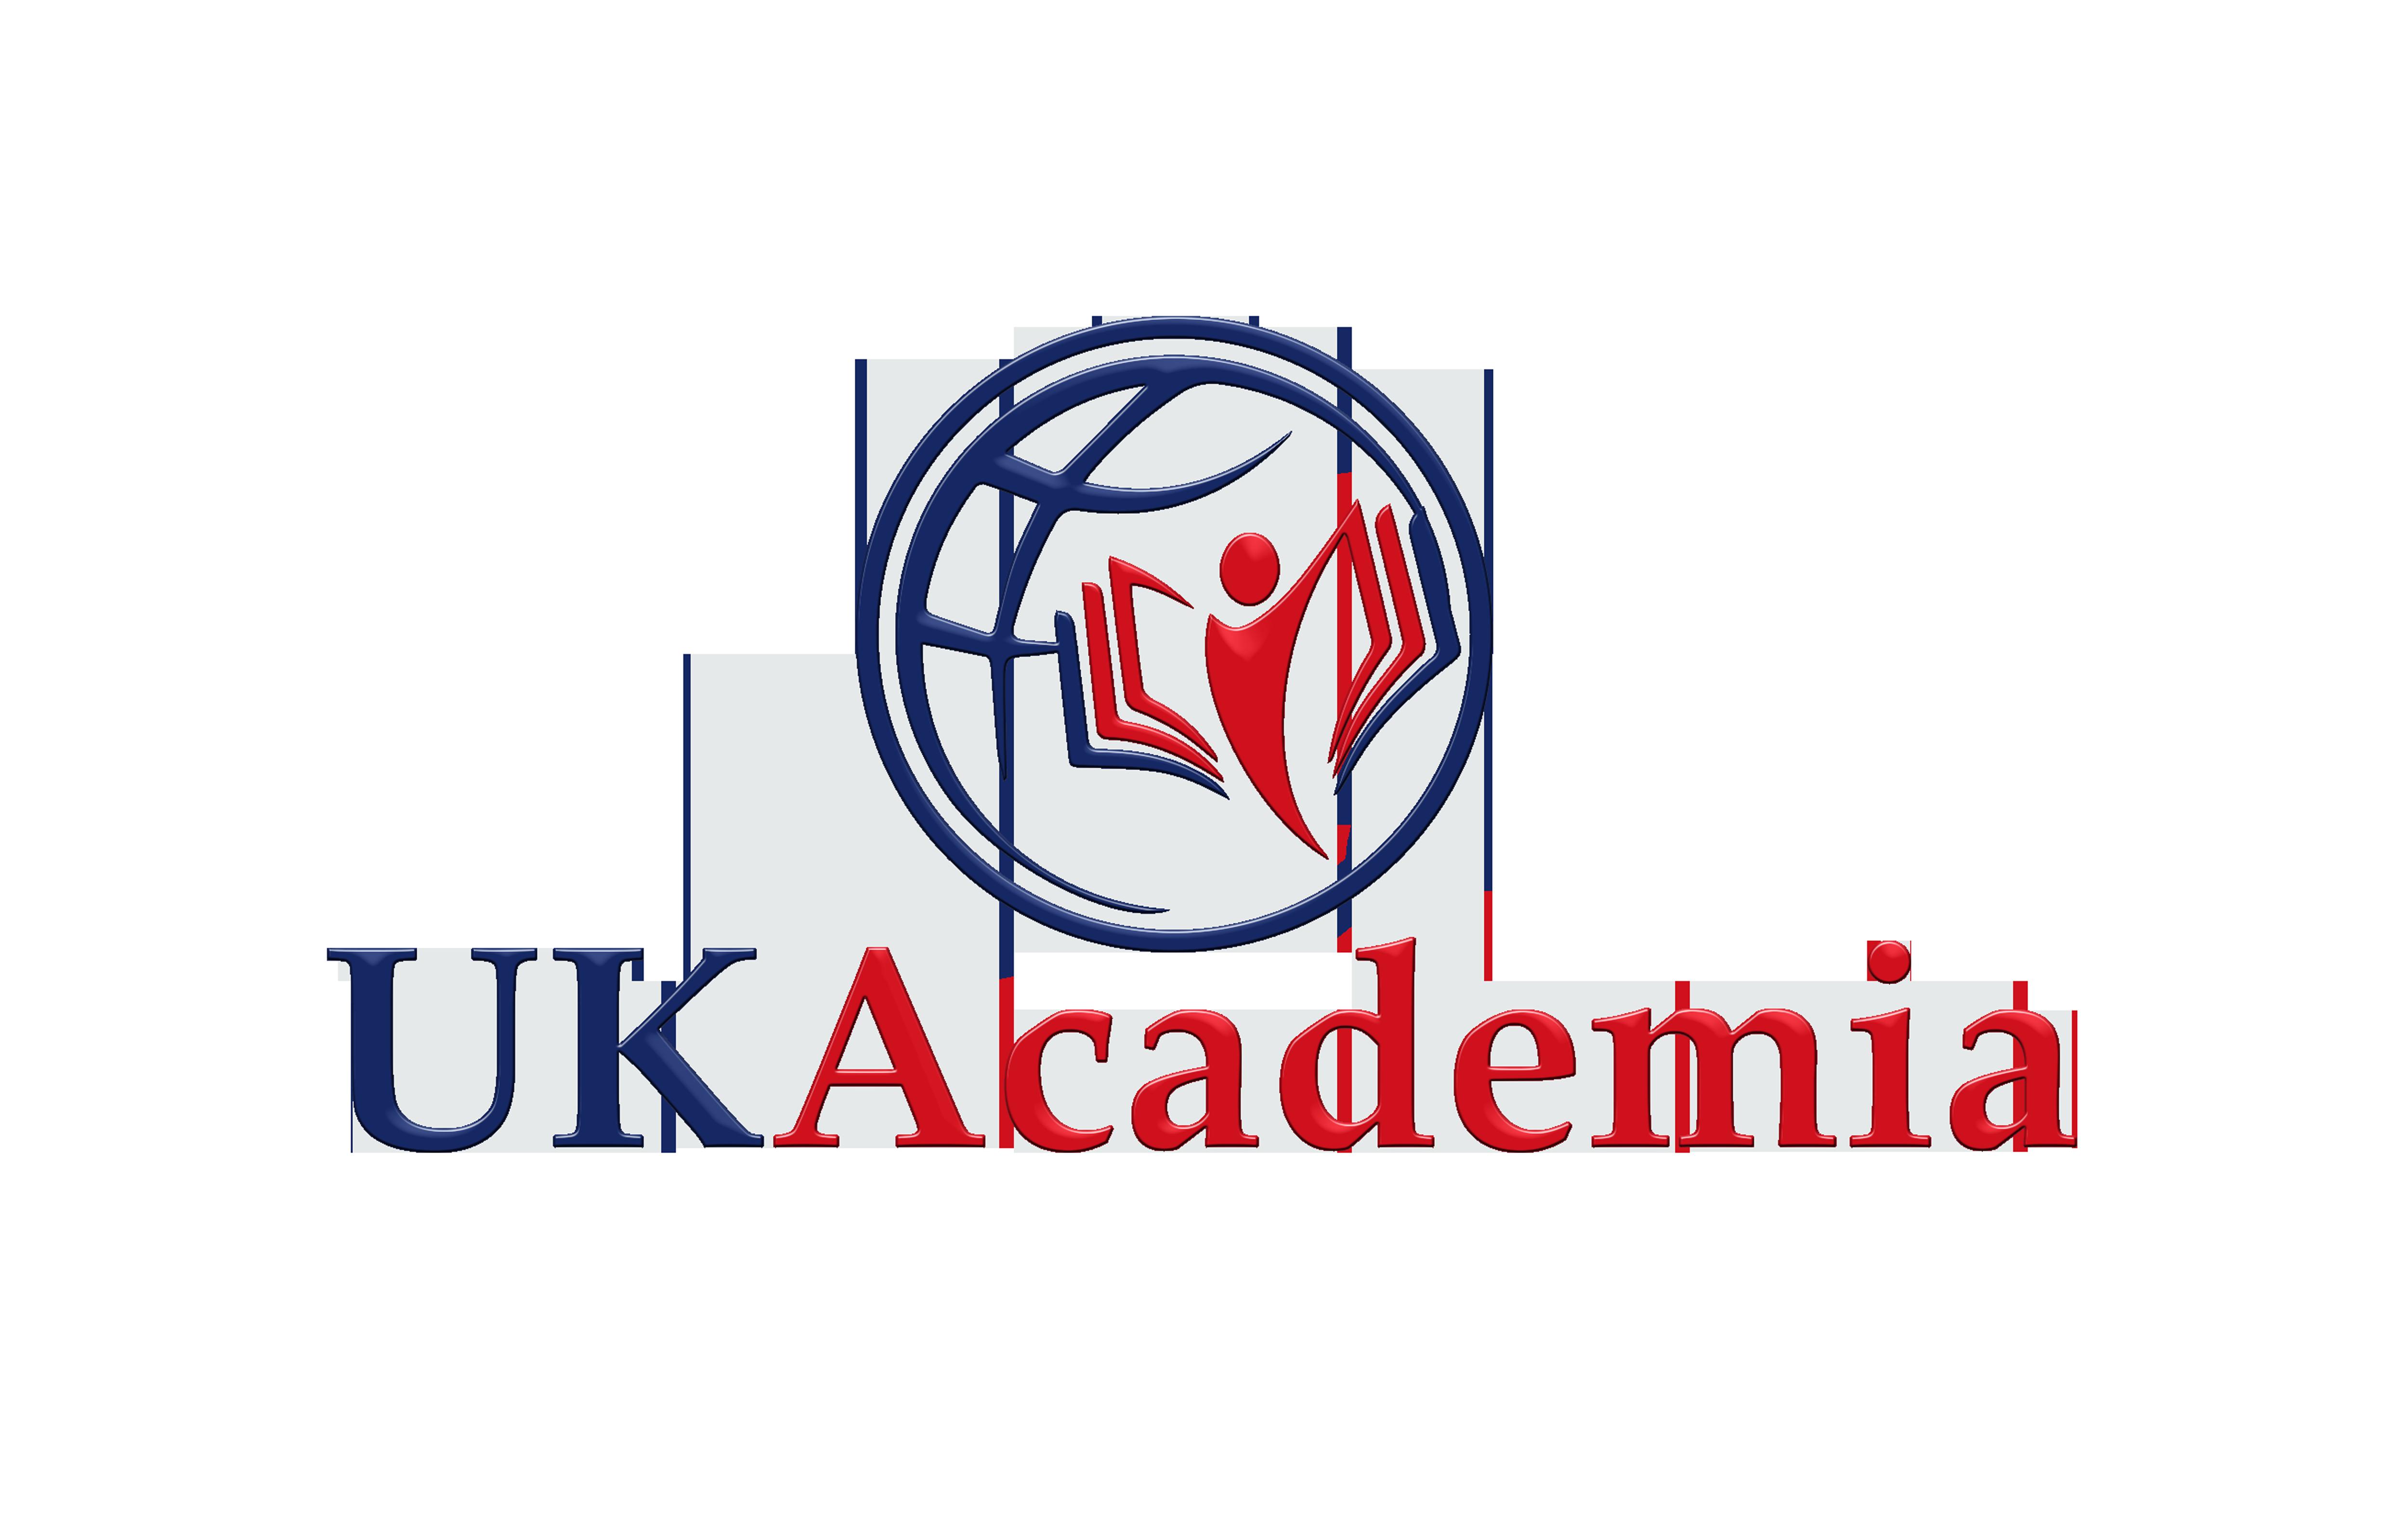 UKAcademia